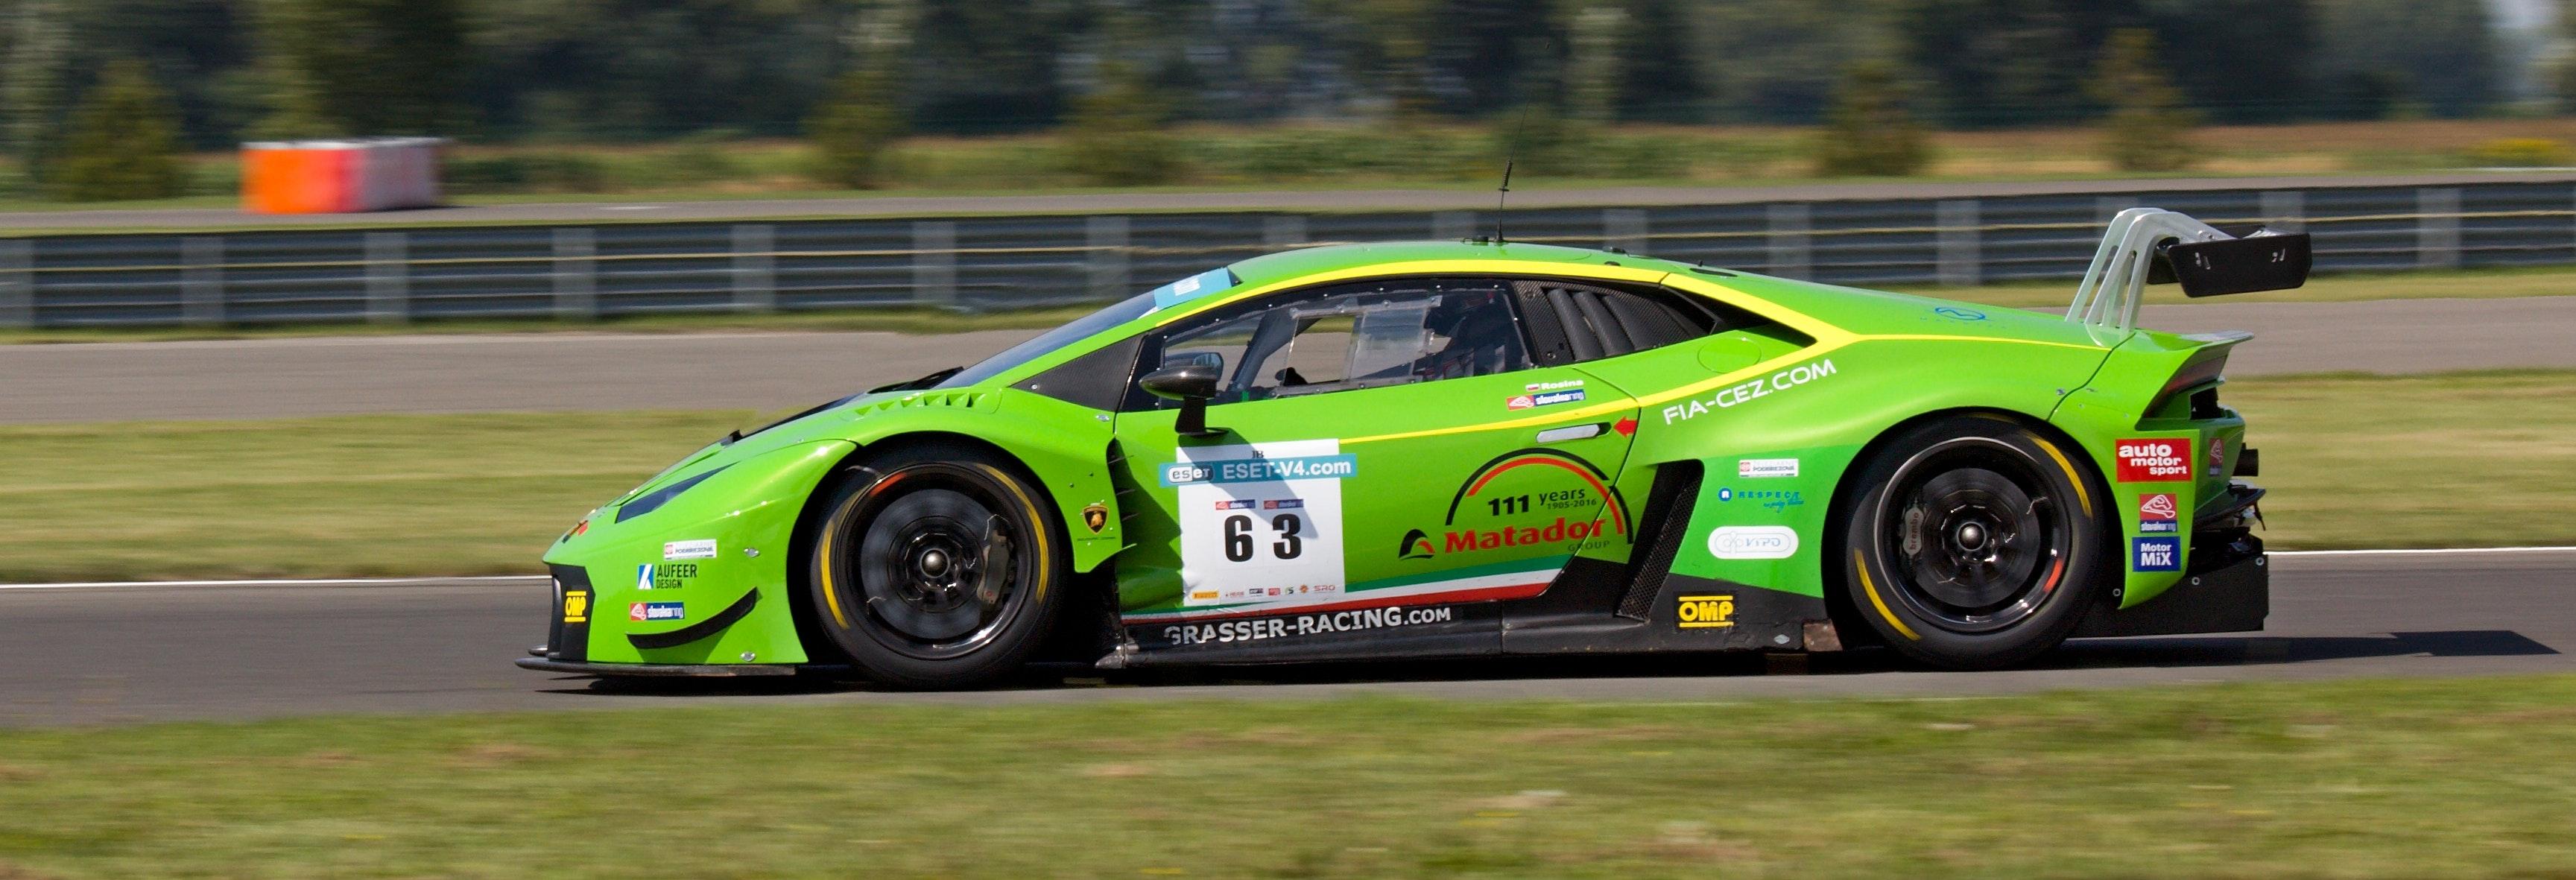 1000+ Engaging Race Car Photos · Pexels · Free Stock Photos